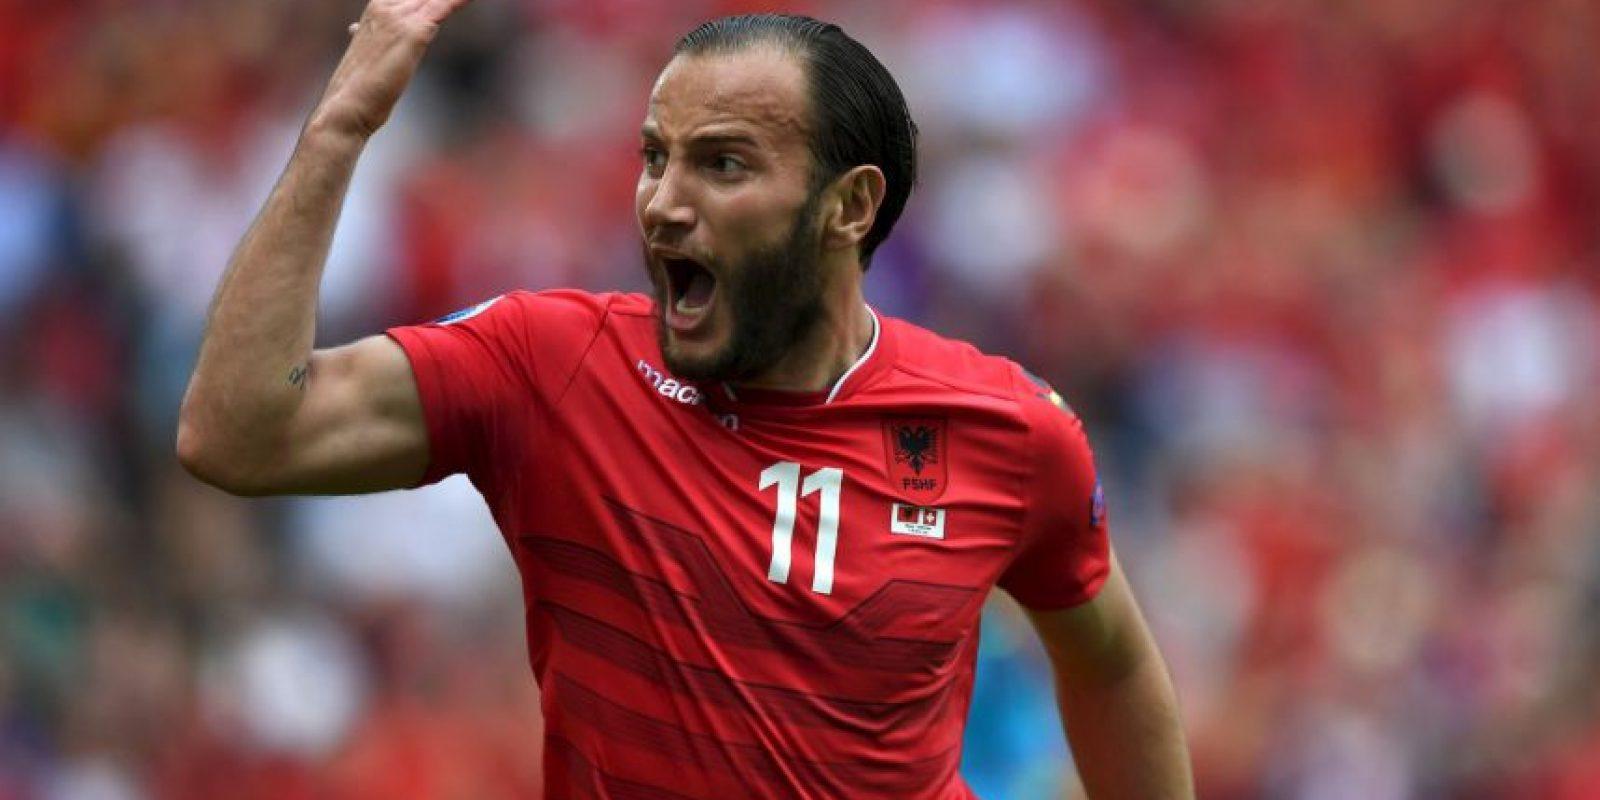 Los albaneses quieren sorprender a los locales y amargarle la tarde en parís